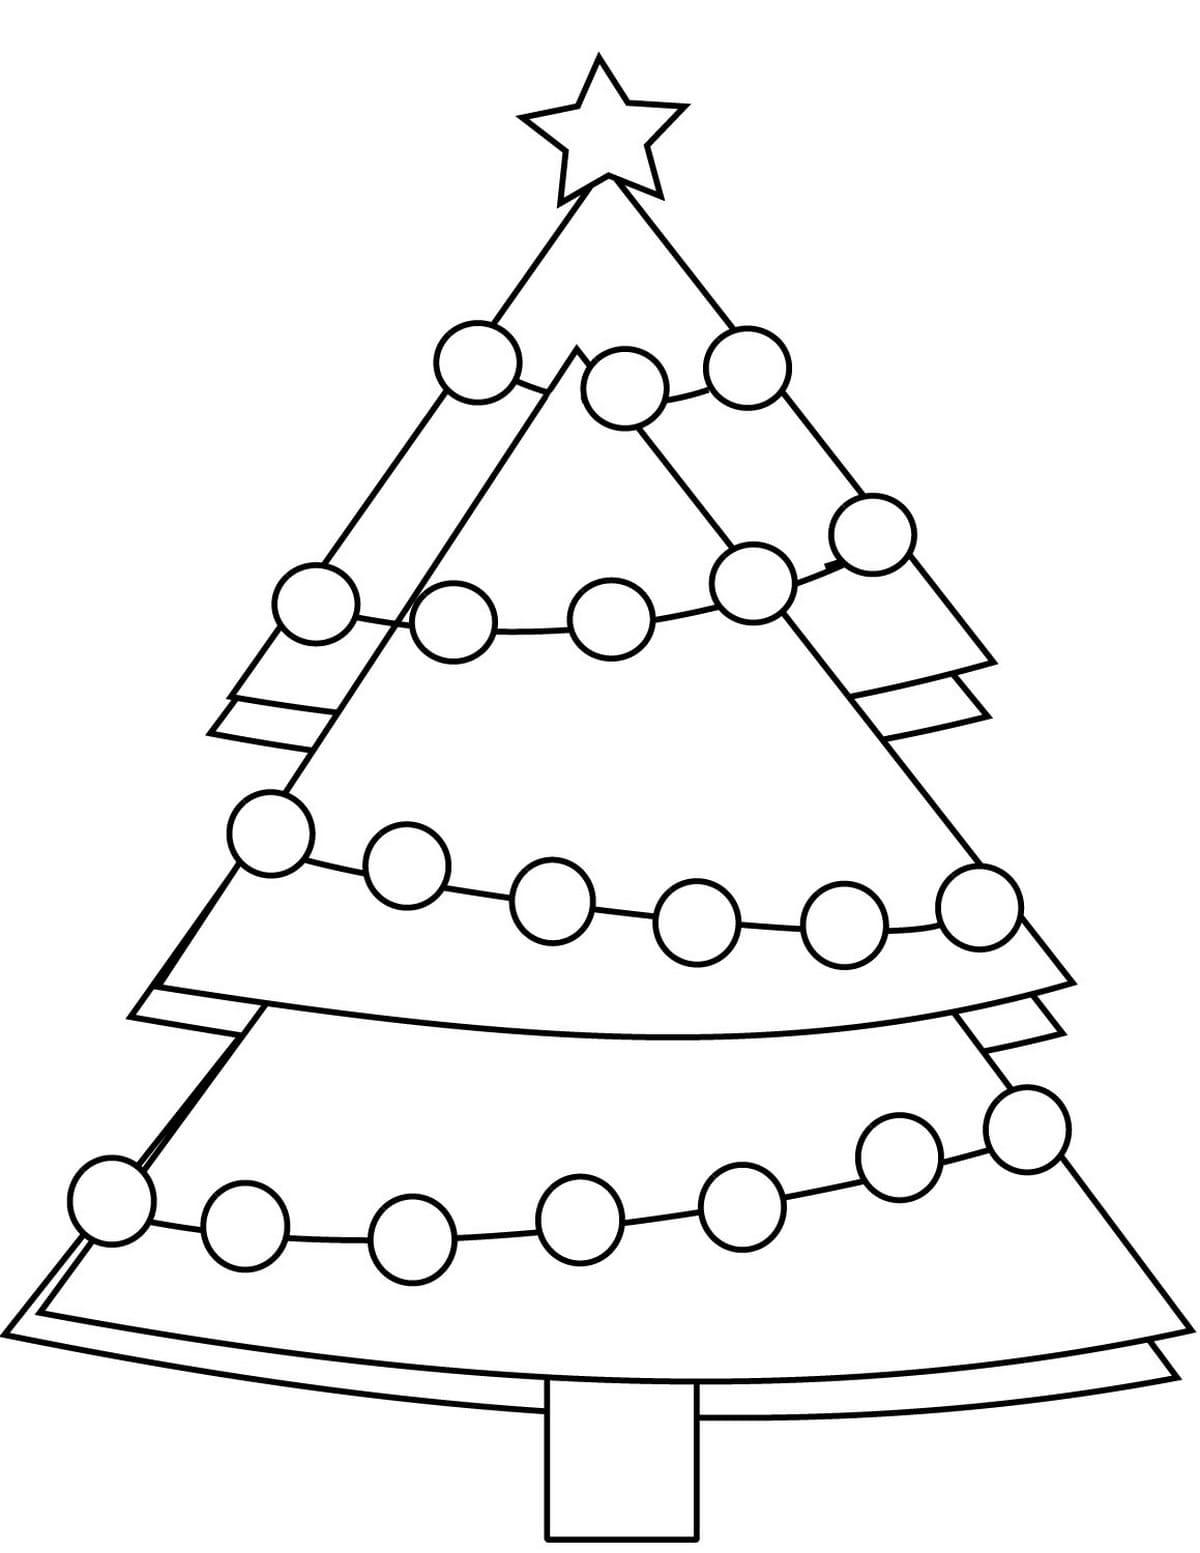 ausmalbilder weihnachtsbaum zum ausdrucken | wonder day